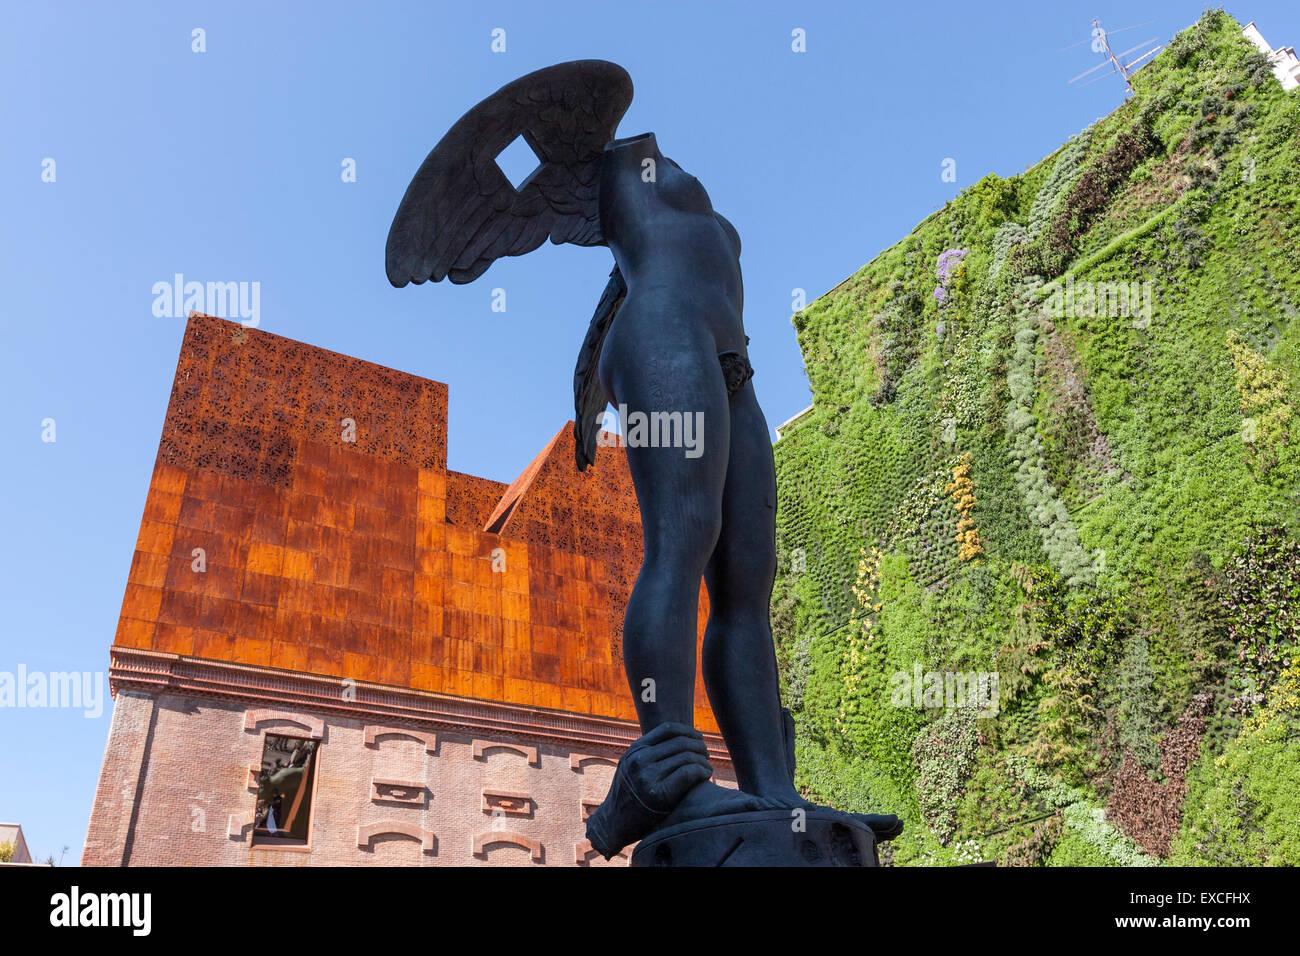 ikaria-by-igor-mitoraj-sculpture-exhibition-in-caixa-forum-paseo-del-EXCFHX.jpg